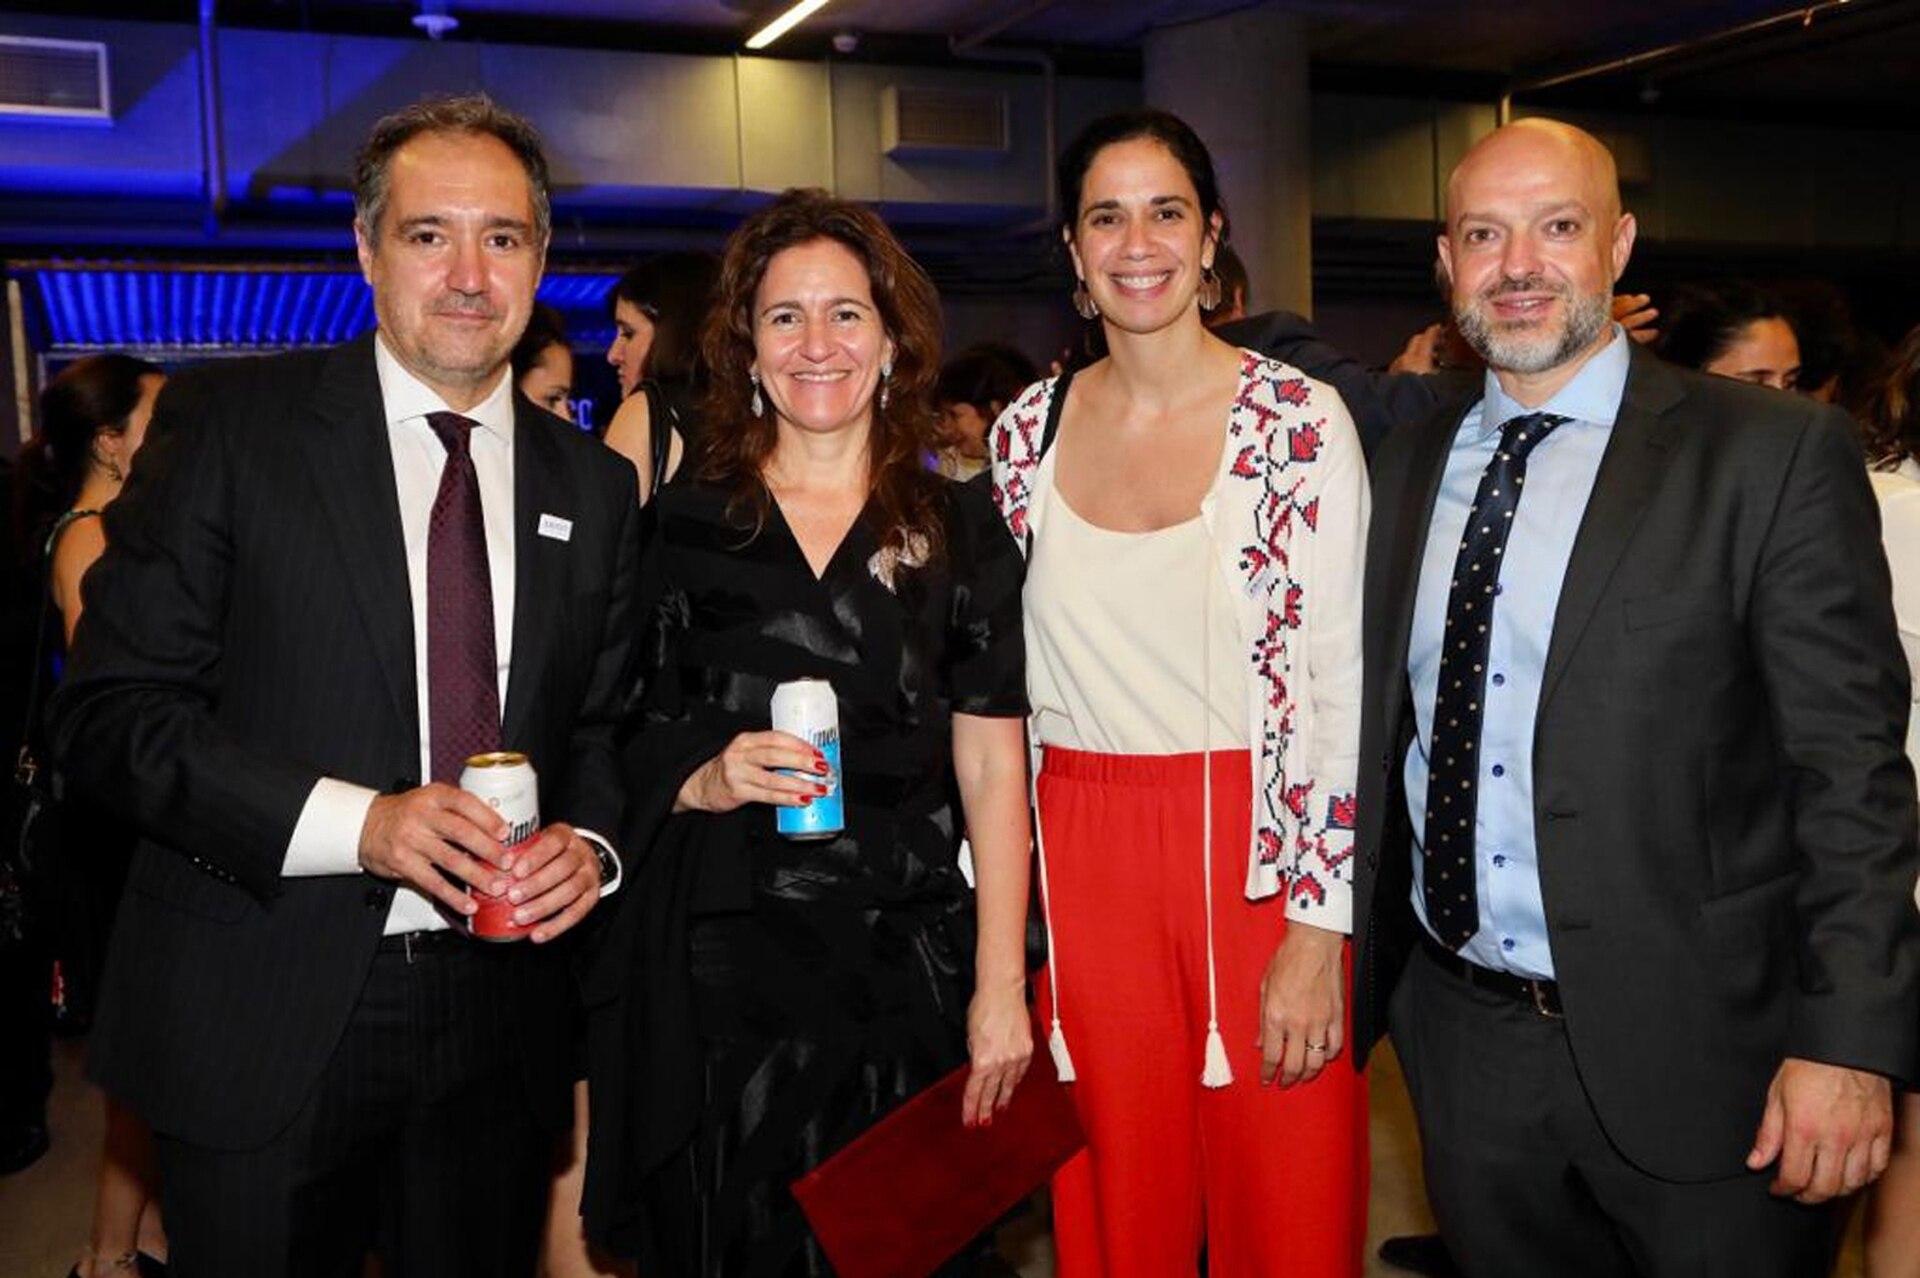 El periodista de LA NACION, Diego Cabot, y la diseñadora Florencia Abd